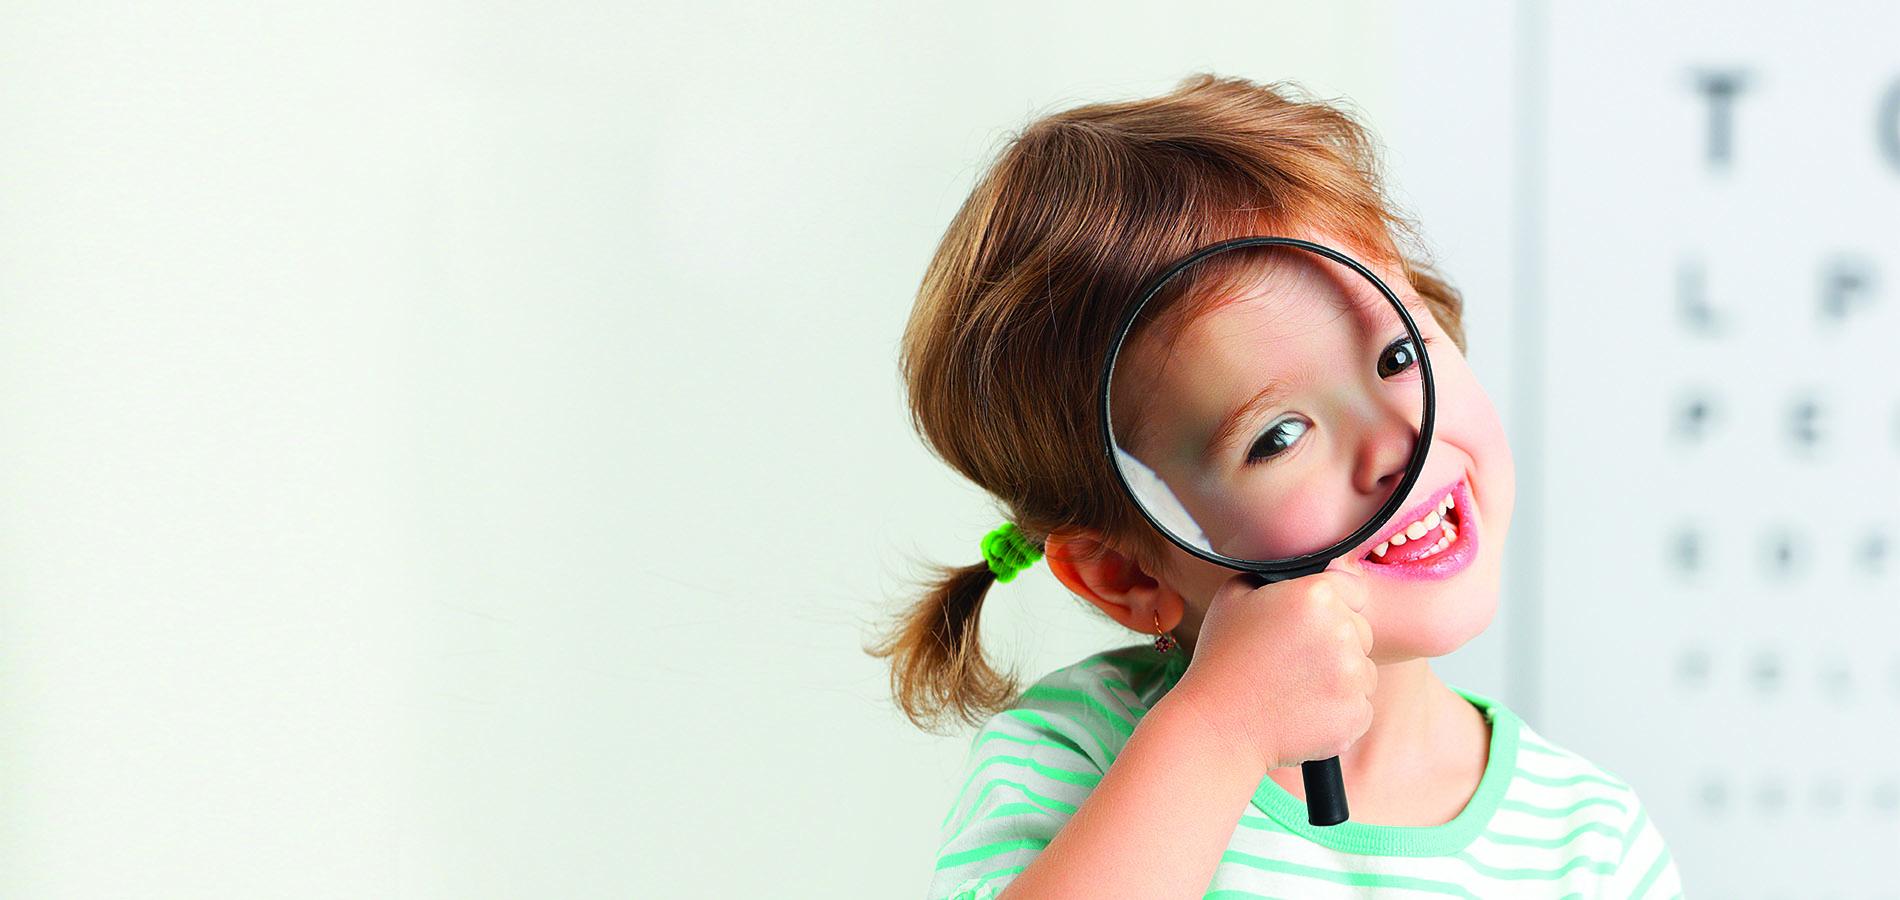 Sekundenschnelle Sehtests für Kinder